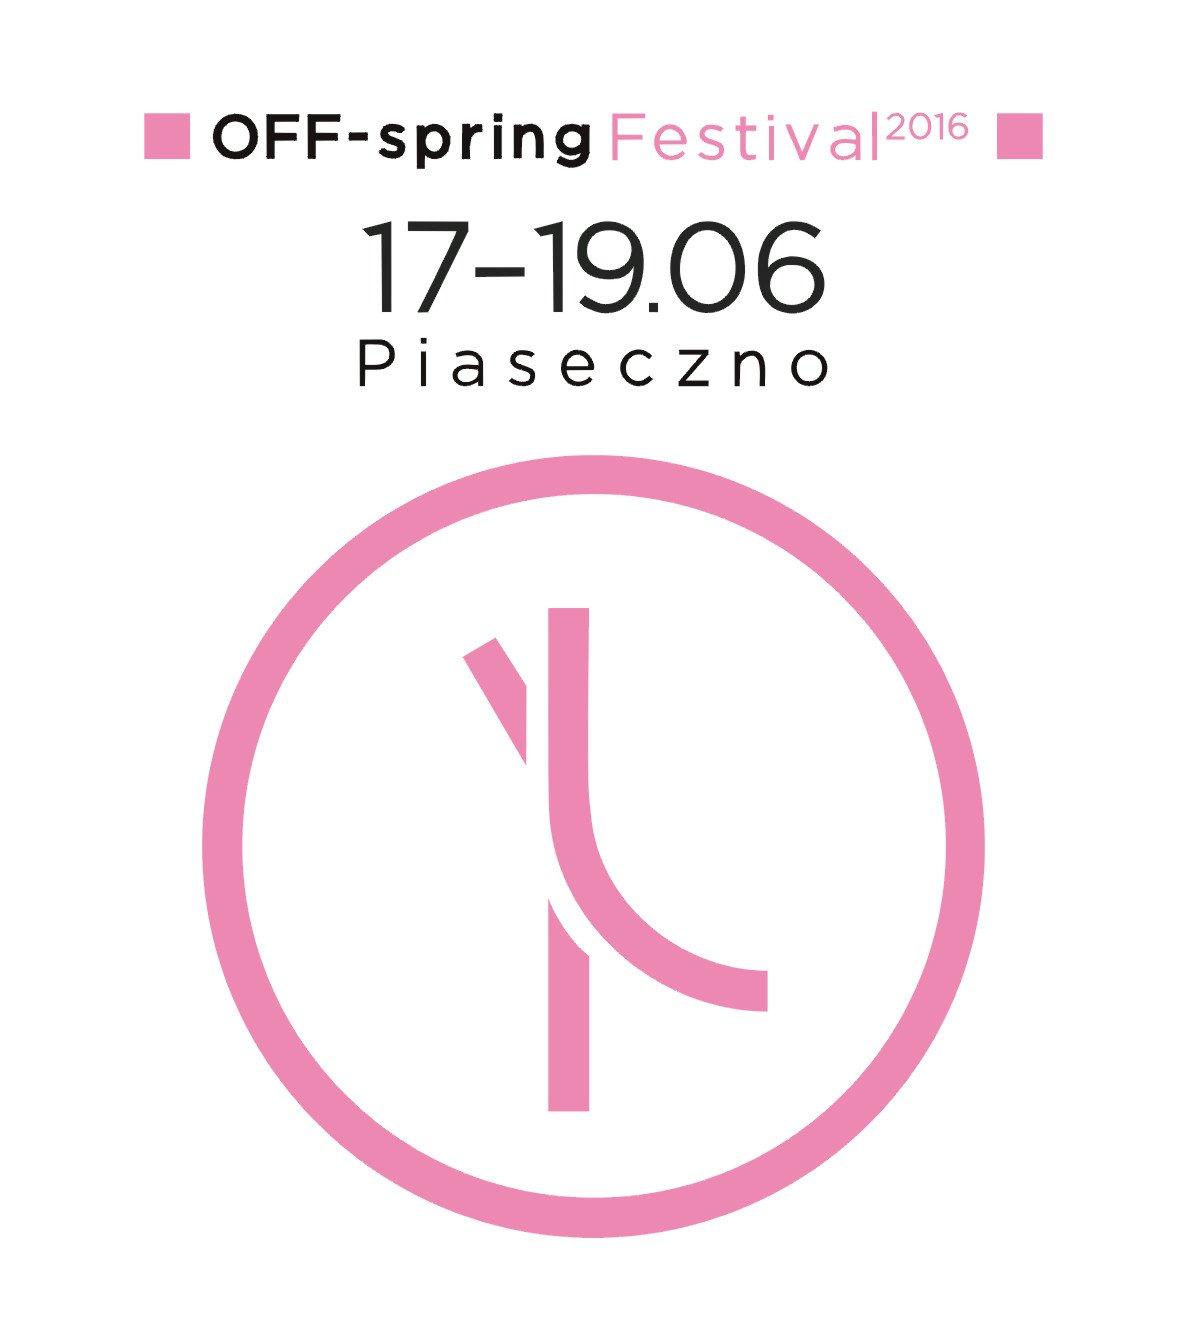 OFFzzzz piaseczno festiwal 2016